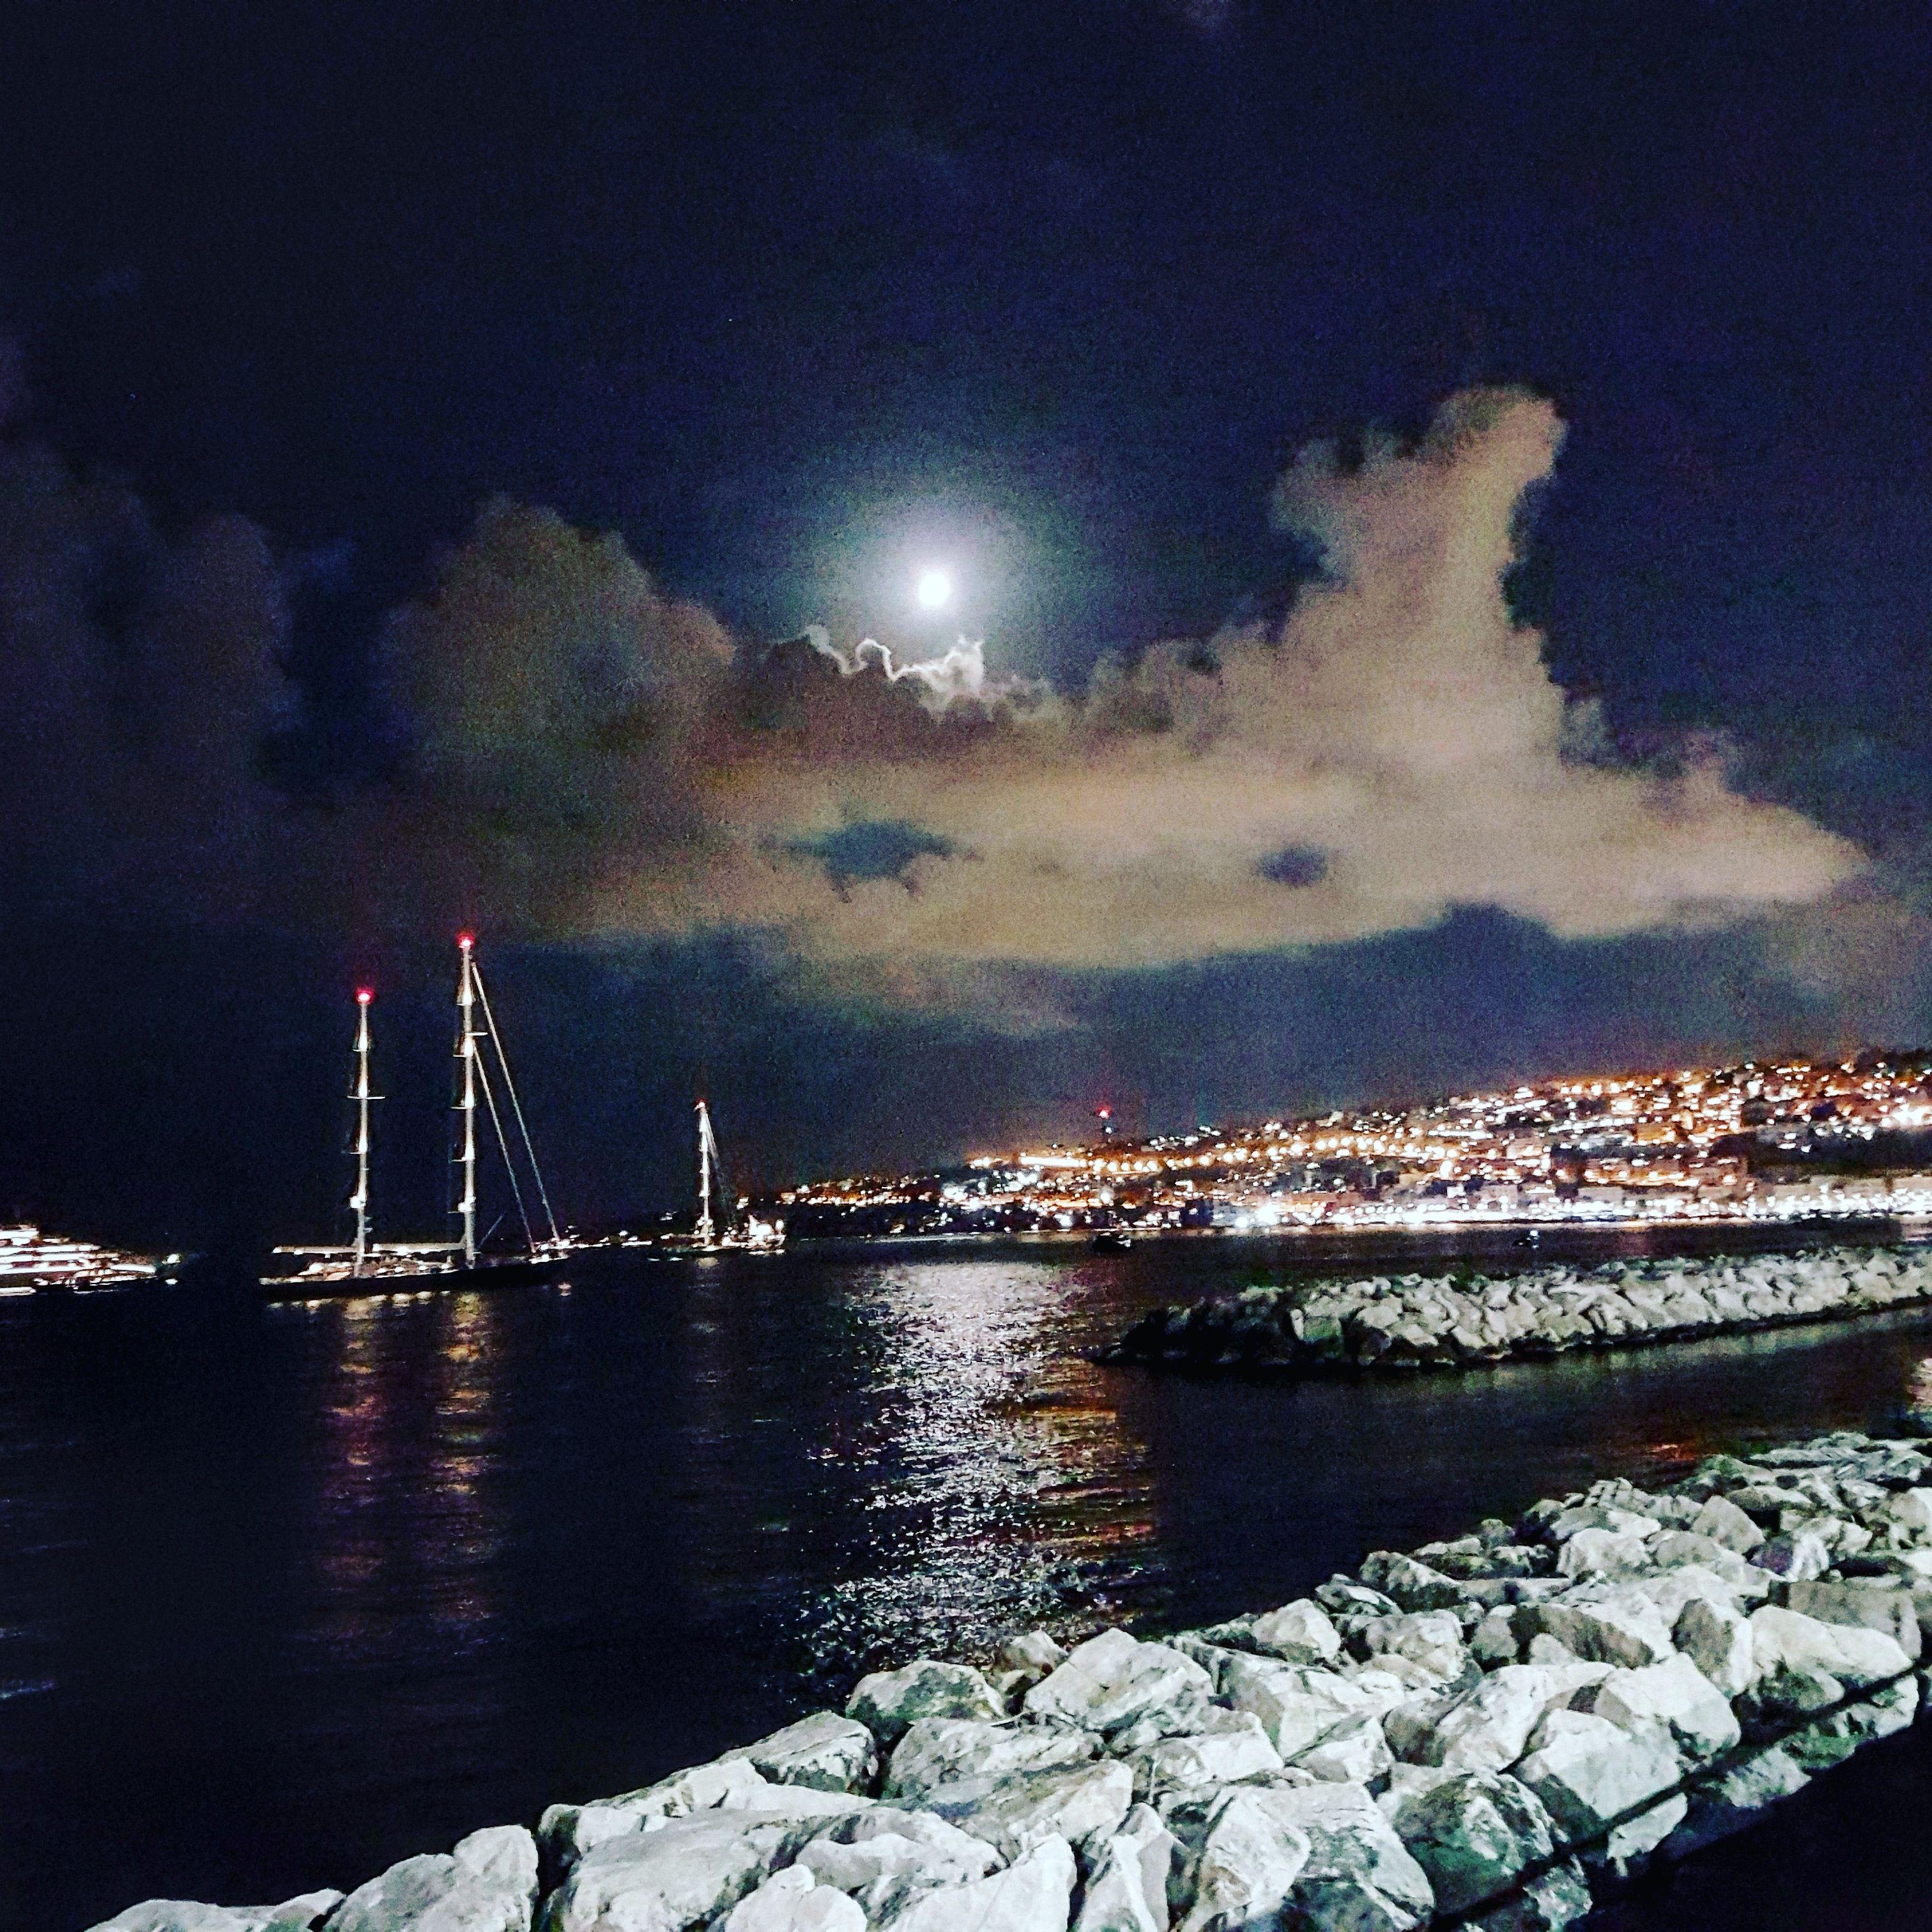 Mergellina Di Notte Sfondi Sfondo Iphone Instagram